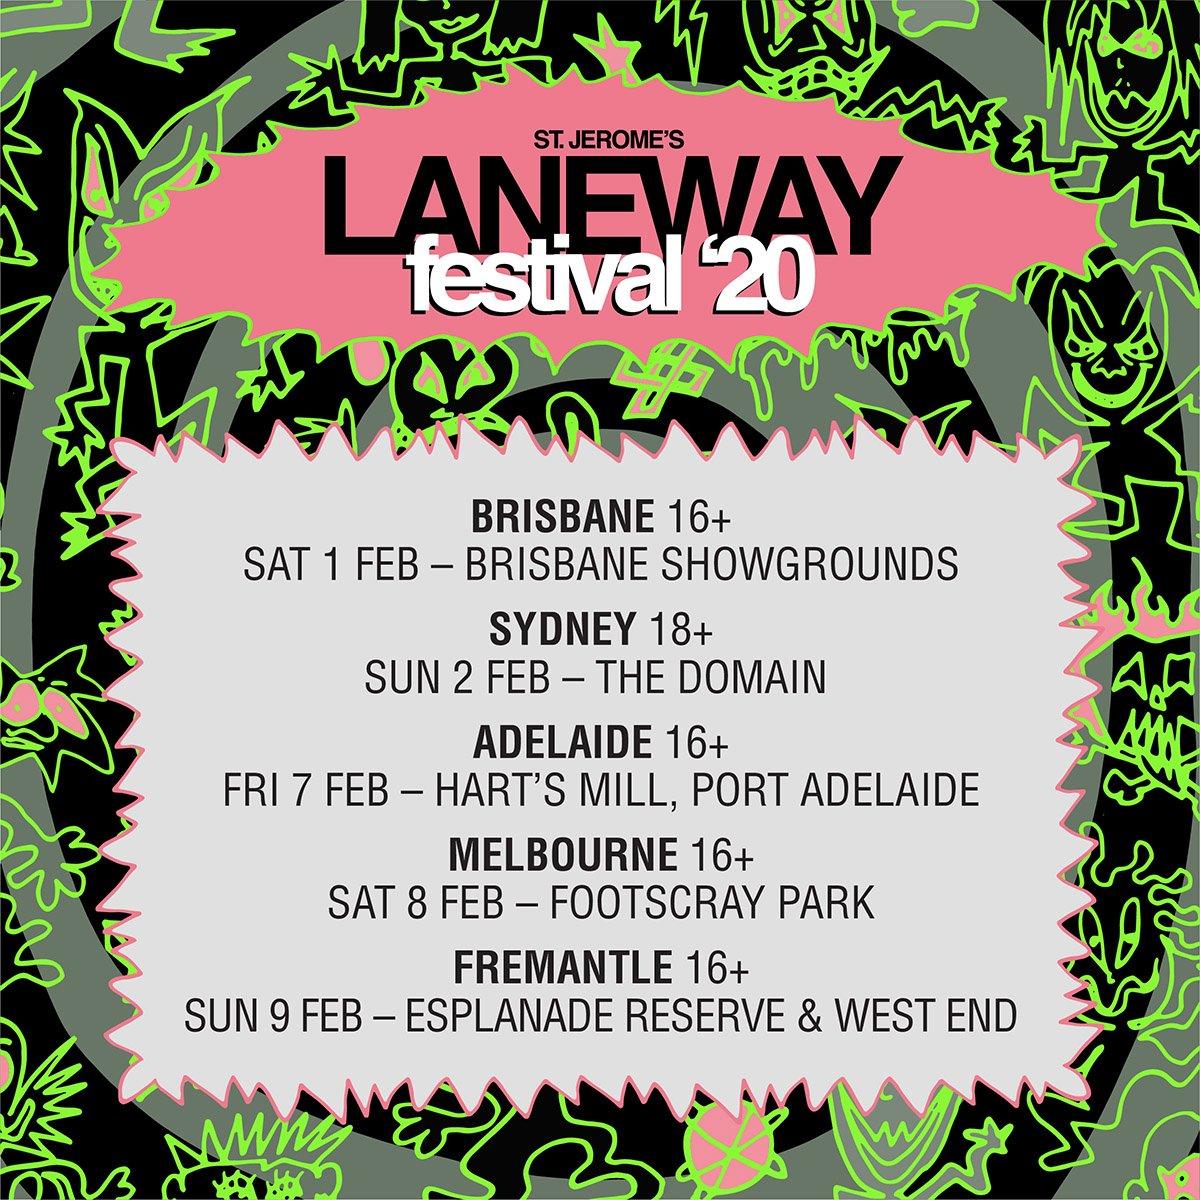 Laneway Festival 2020 dates